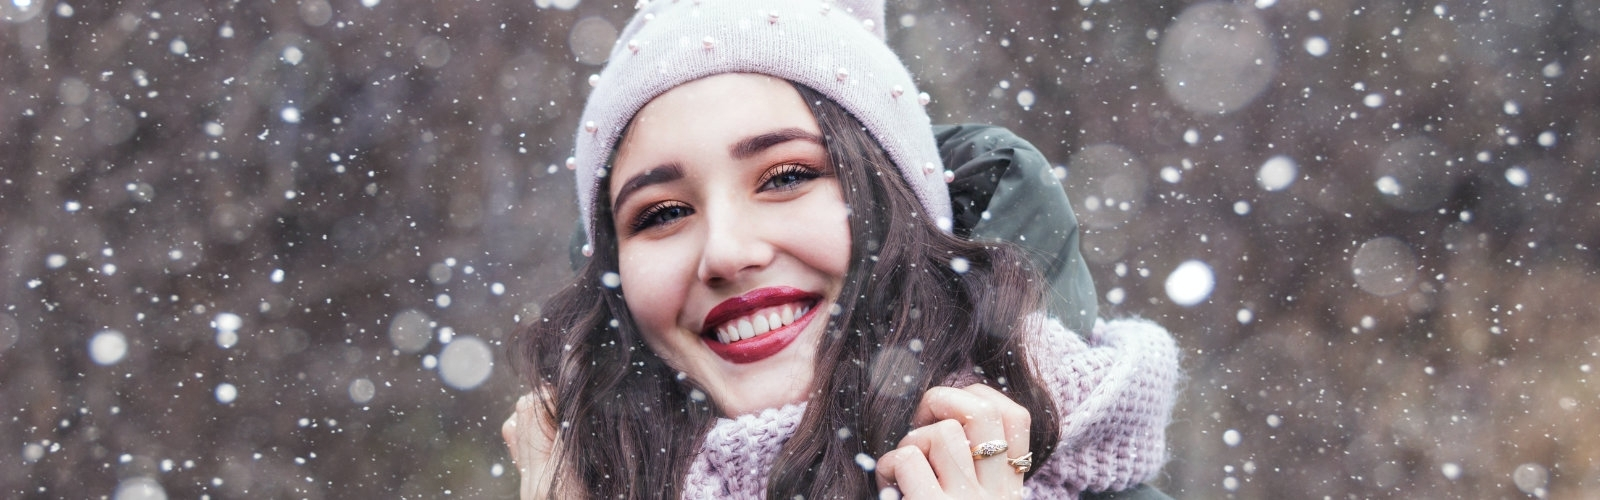 Felüdülés a téli bőrnek és kellemes ápoltság a fagyos időszakban